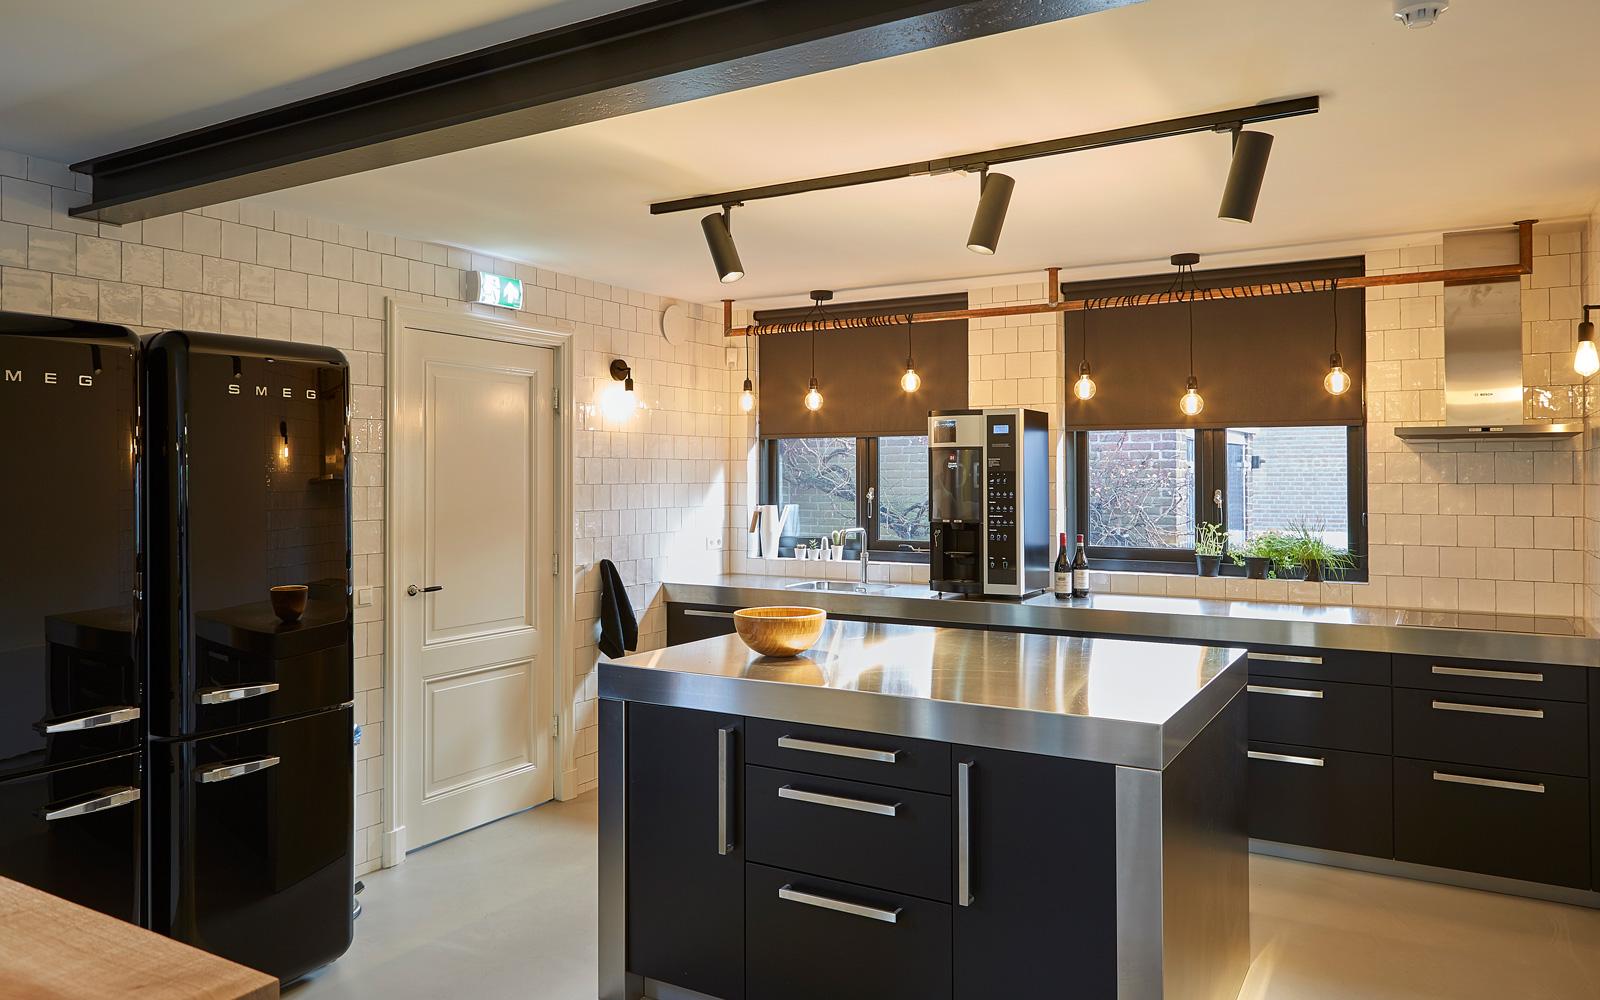 Altis Keukens verzorgde de luxe keuken met zwarte afwerkingen.